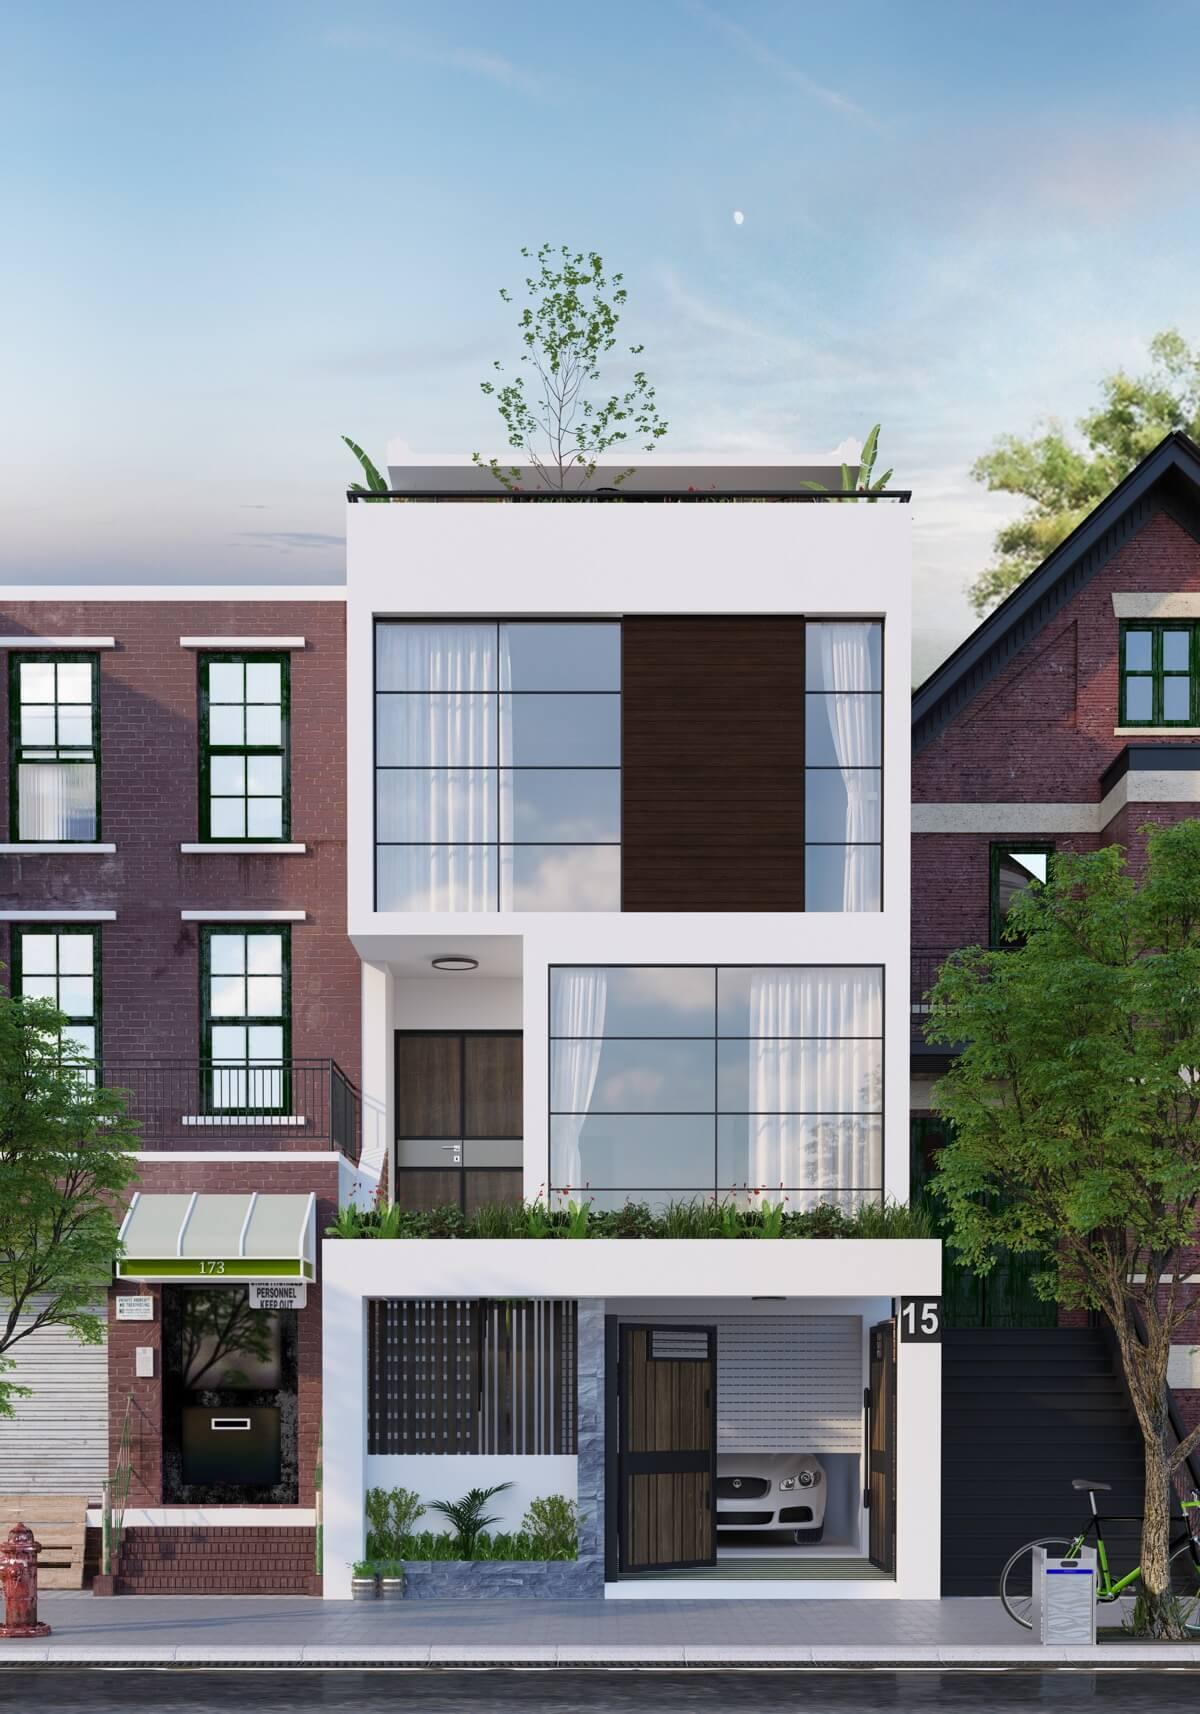 thiết kế mẫu nhà phố 3 tầng hiện đại gần gũi với thiên nhiên 10